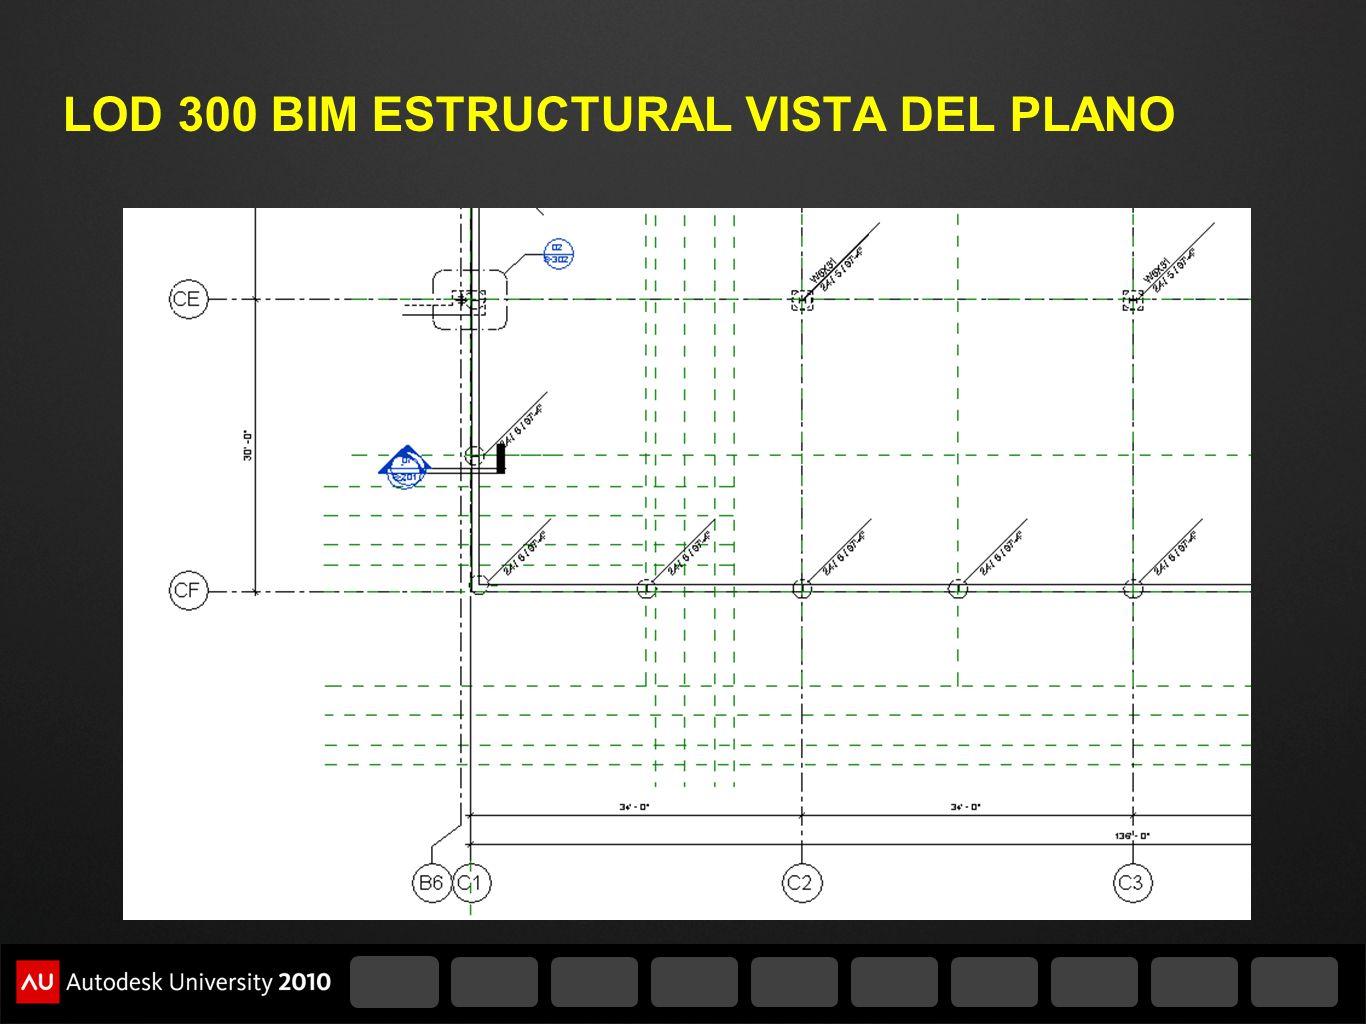 LOD 300 BIM ESTRUCTURAL VISTA DEL PLANO